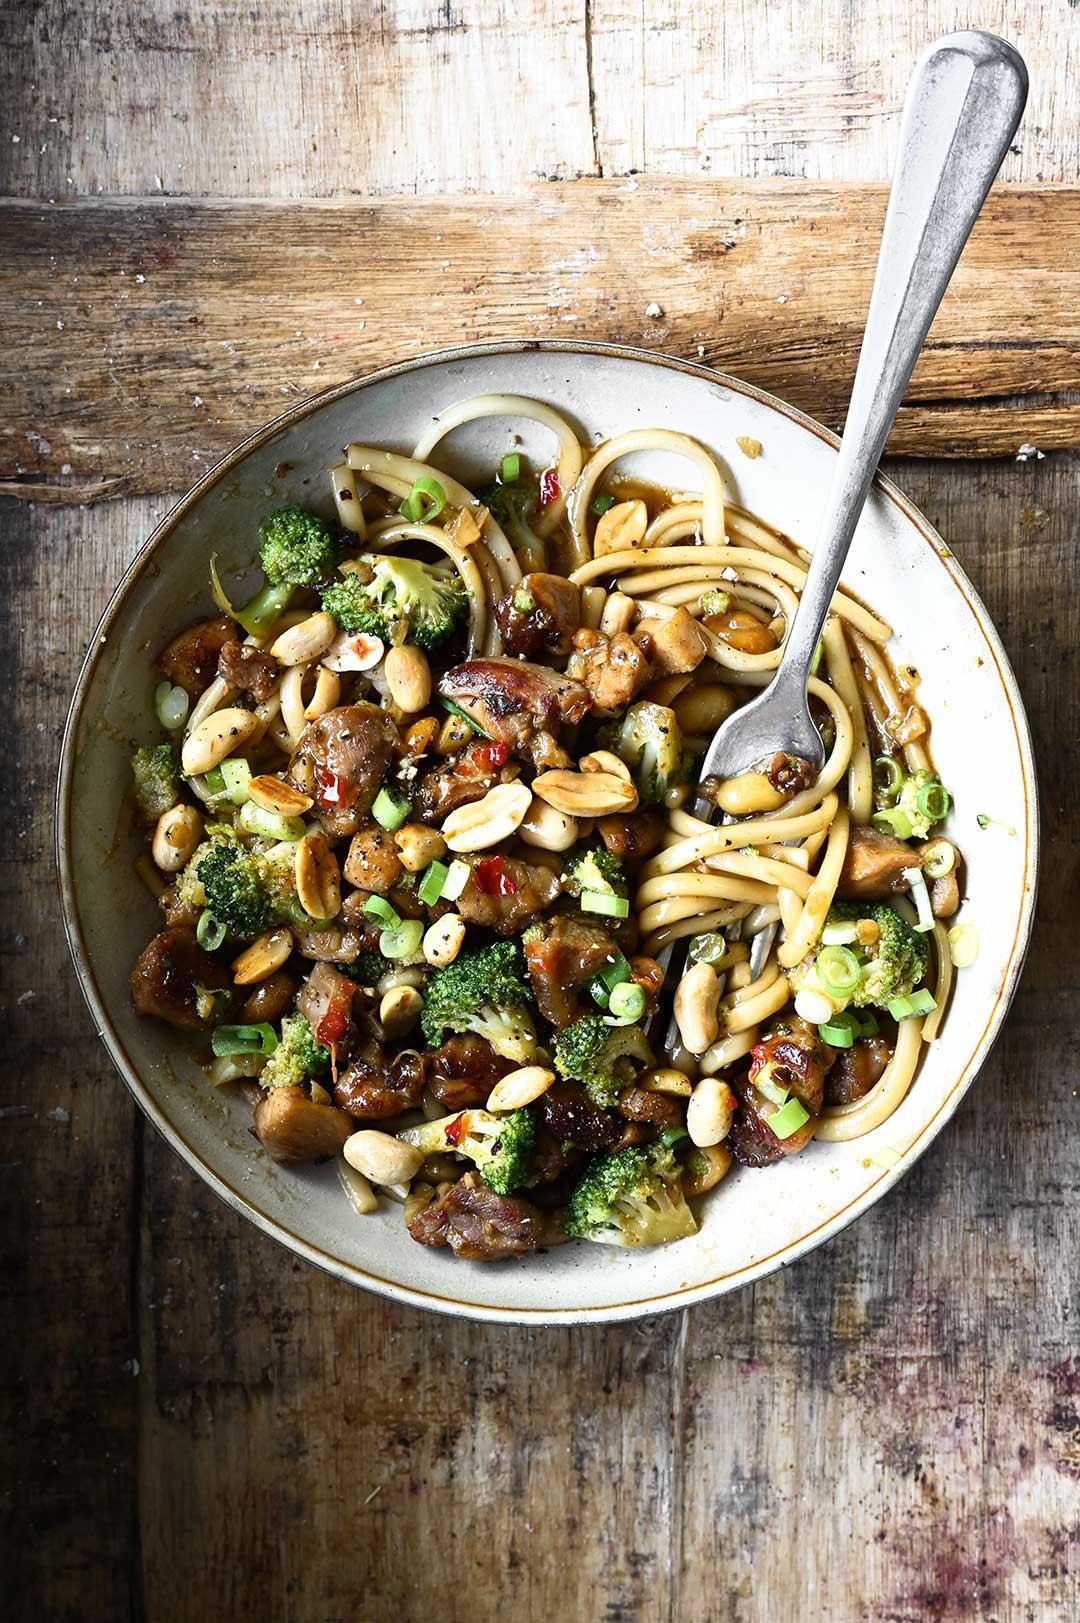 serving dumplings | Wok met kip broccoli en pinda's